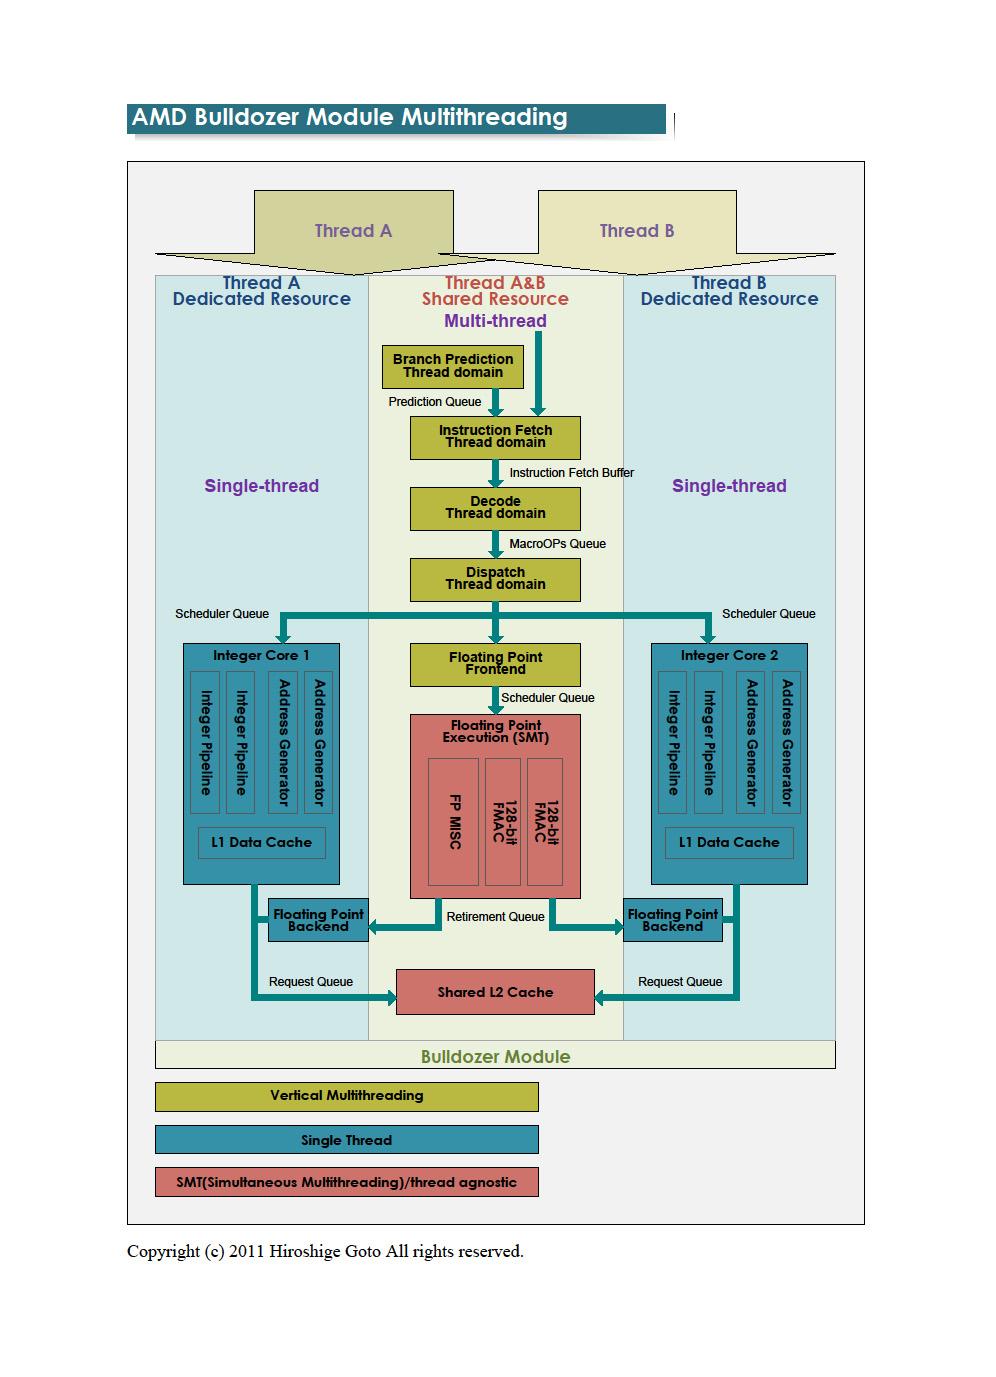 """Bulldozerモジュールのマルチスレッディング<br>PDF版は<a href=""""/video/pcw/docs/473/823/p5.pdf"""">こちら</a>"""